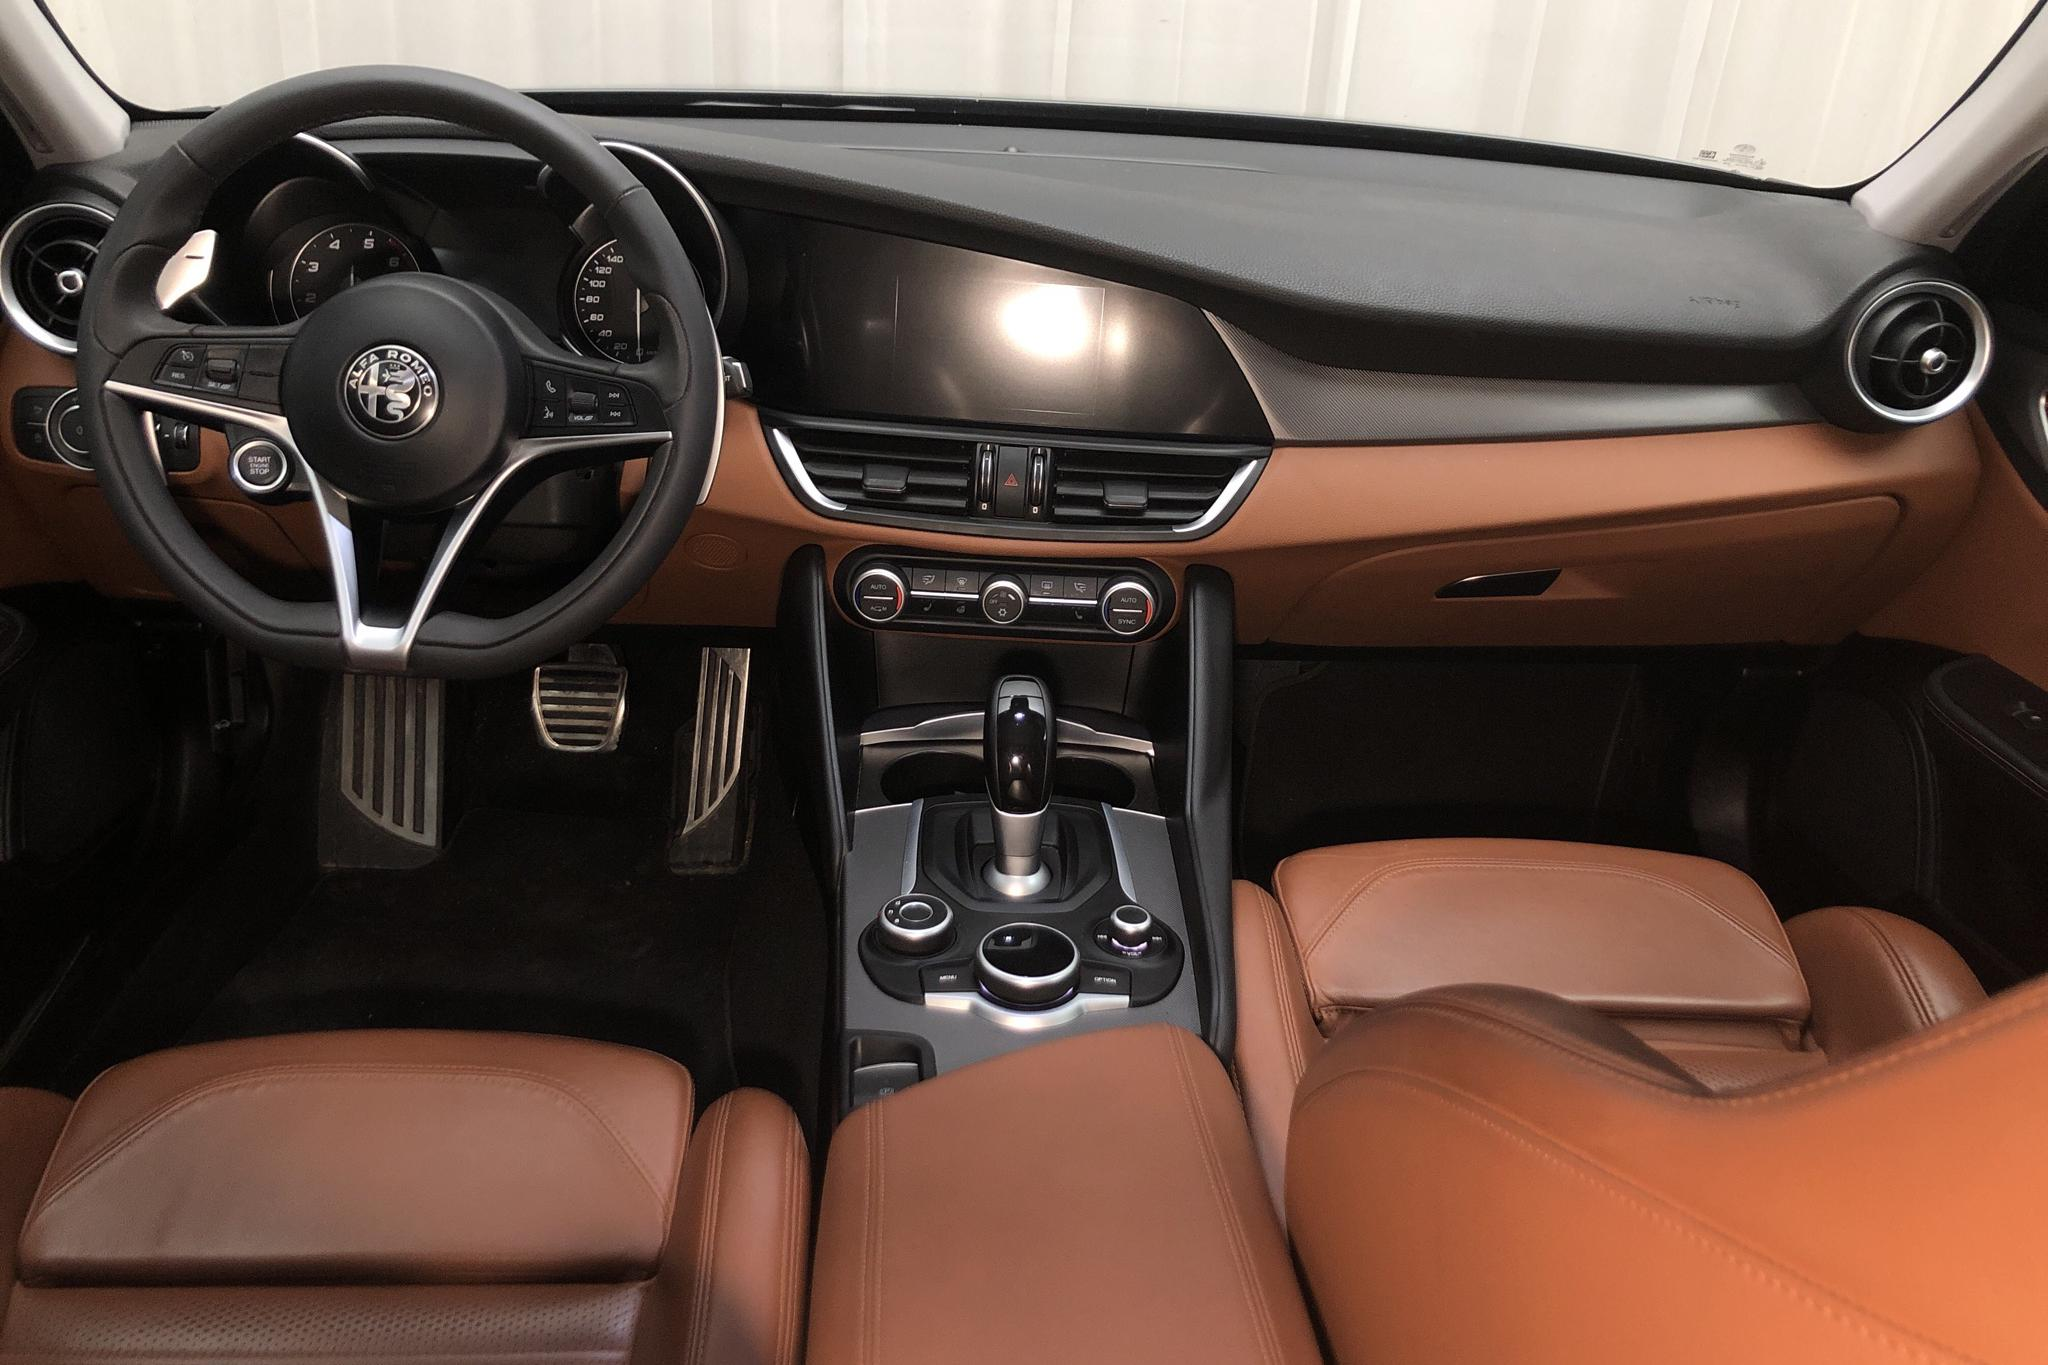 Alfa Romeo Giulia 2.0 AWD (280hk) - 64 480 km - Automatic - black - 2017